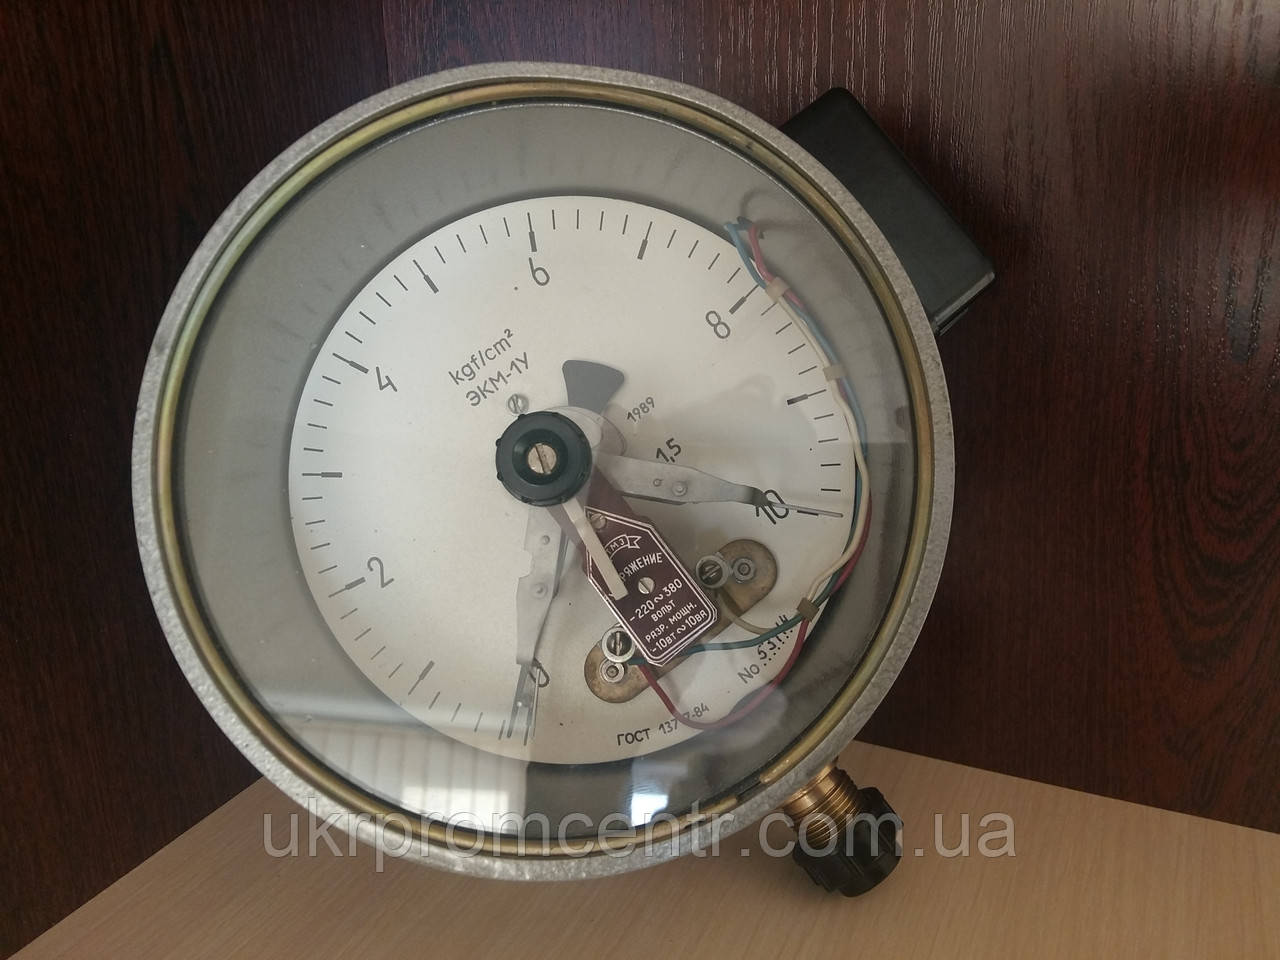 Манометр ЕКМ (ЕКМ-1У, ЕКМ-2У)